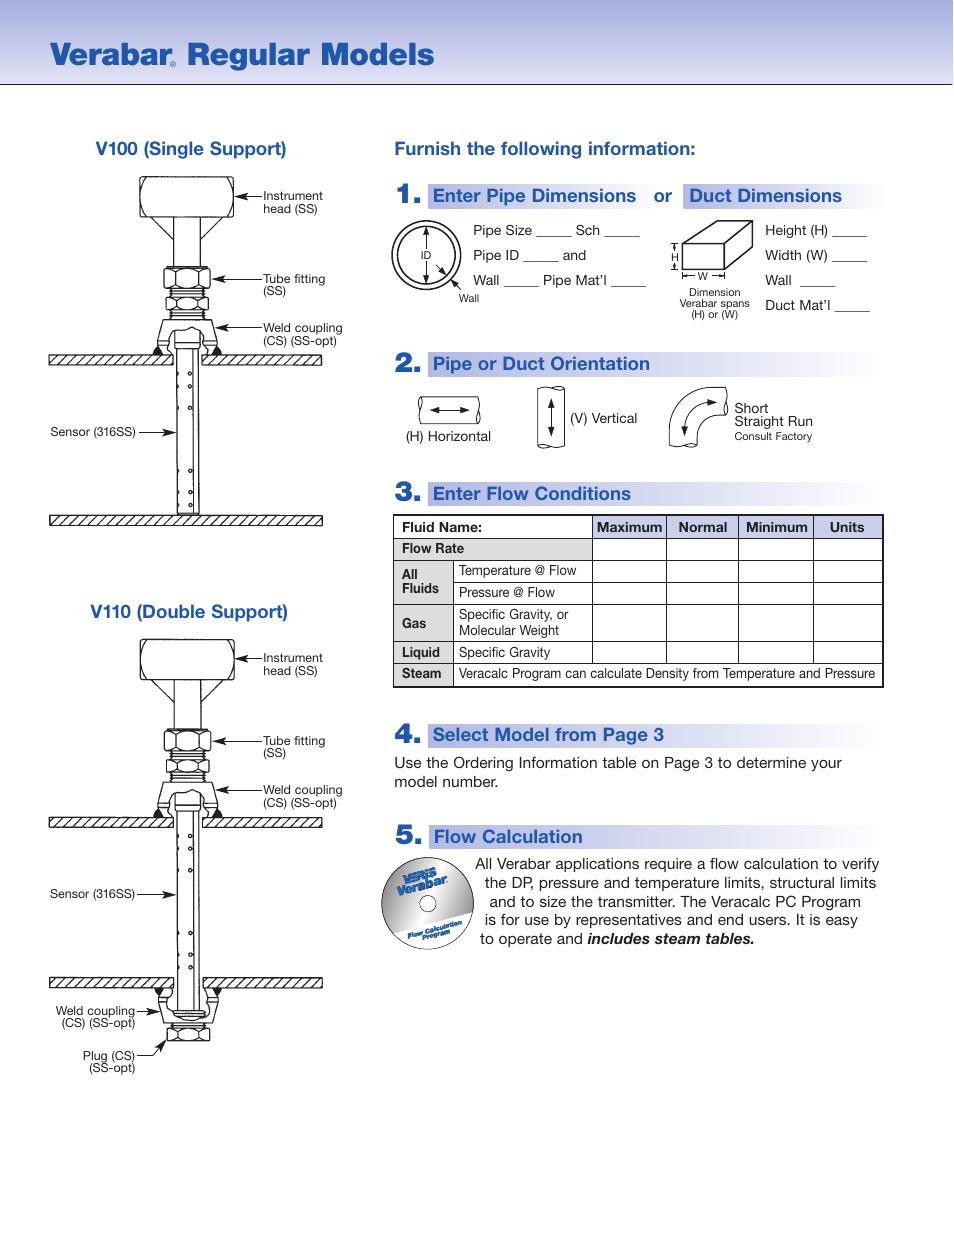 Verabar, Regular models, Flow calculation | Veris Verabar V110 Spec